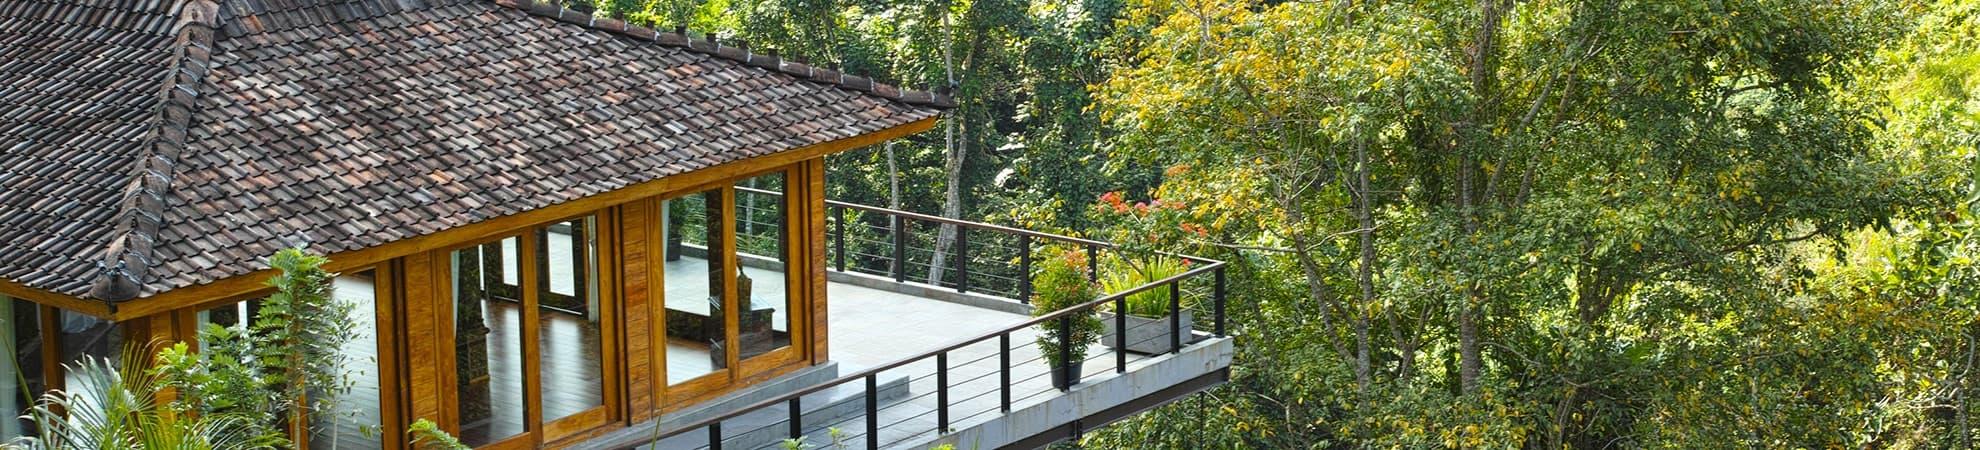 Hôtels Bali 5 étoiles